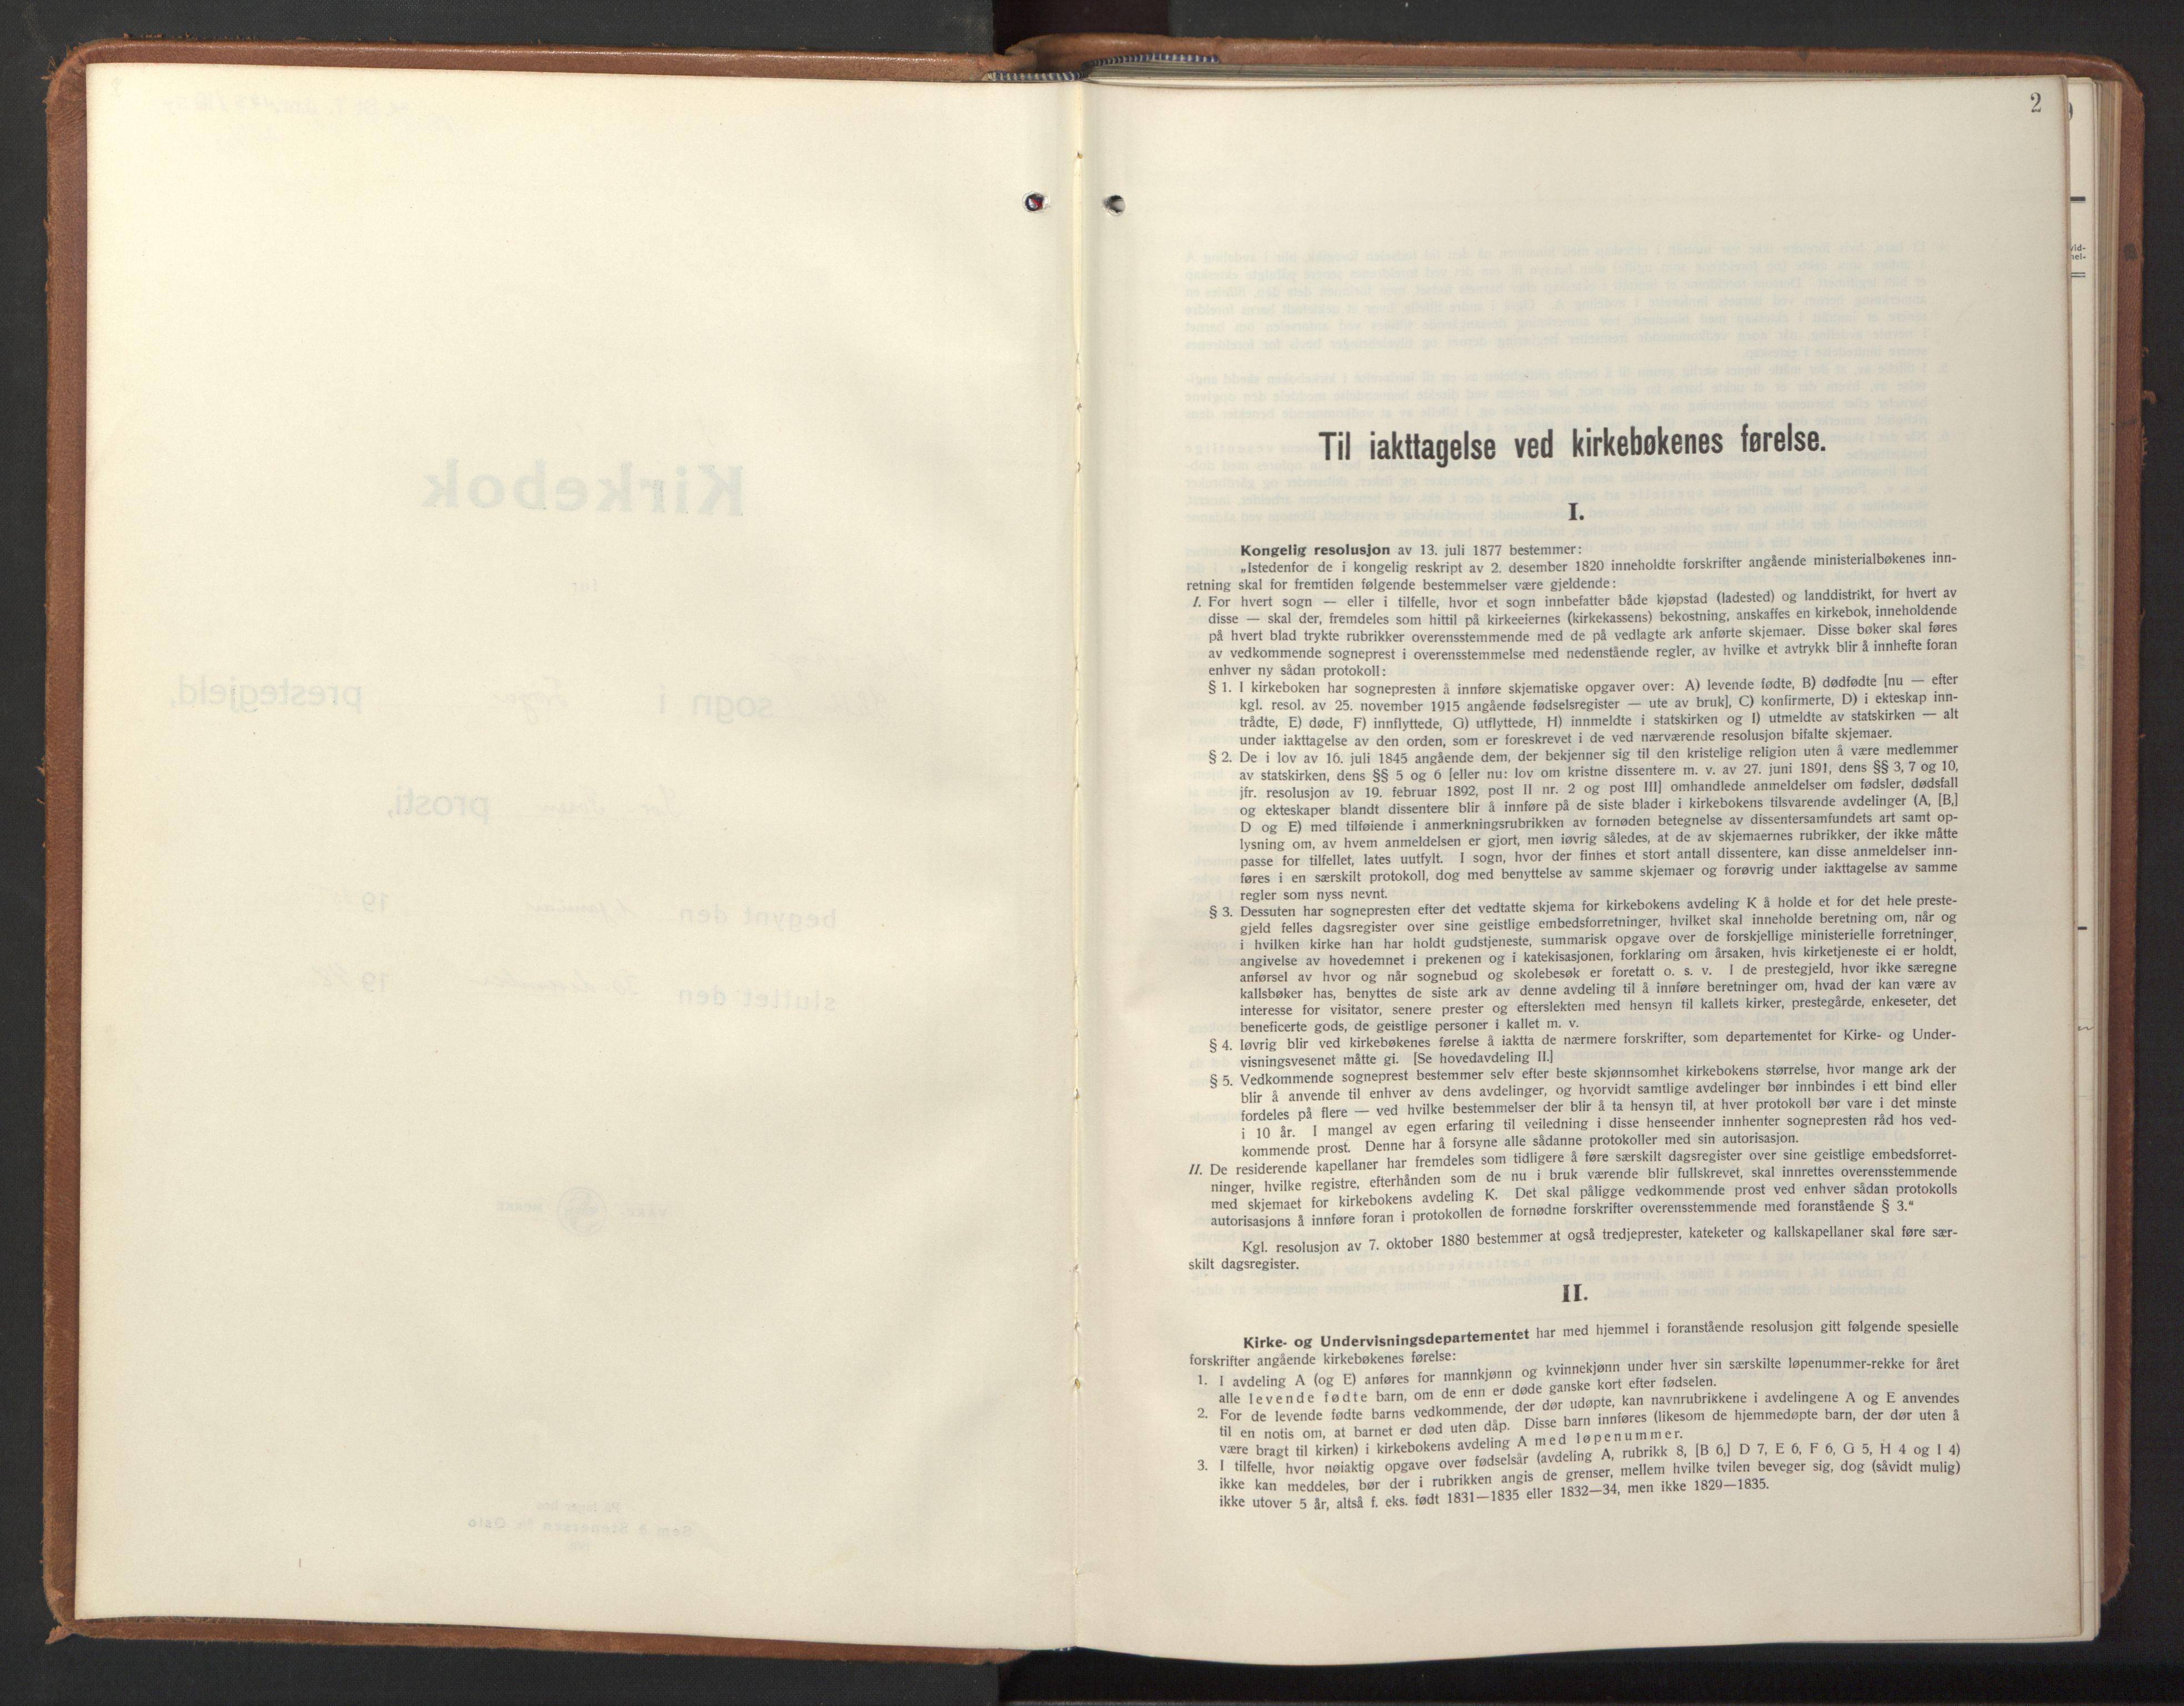 SAT, Ministerialprotokoller, klokkerbøker og fødselsregistre - Sør-Trøndelag, 640/L0590: Klokkerbok nr. 640C07, 1935-1948, s. 2